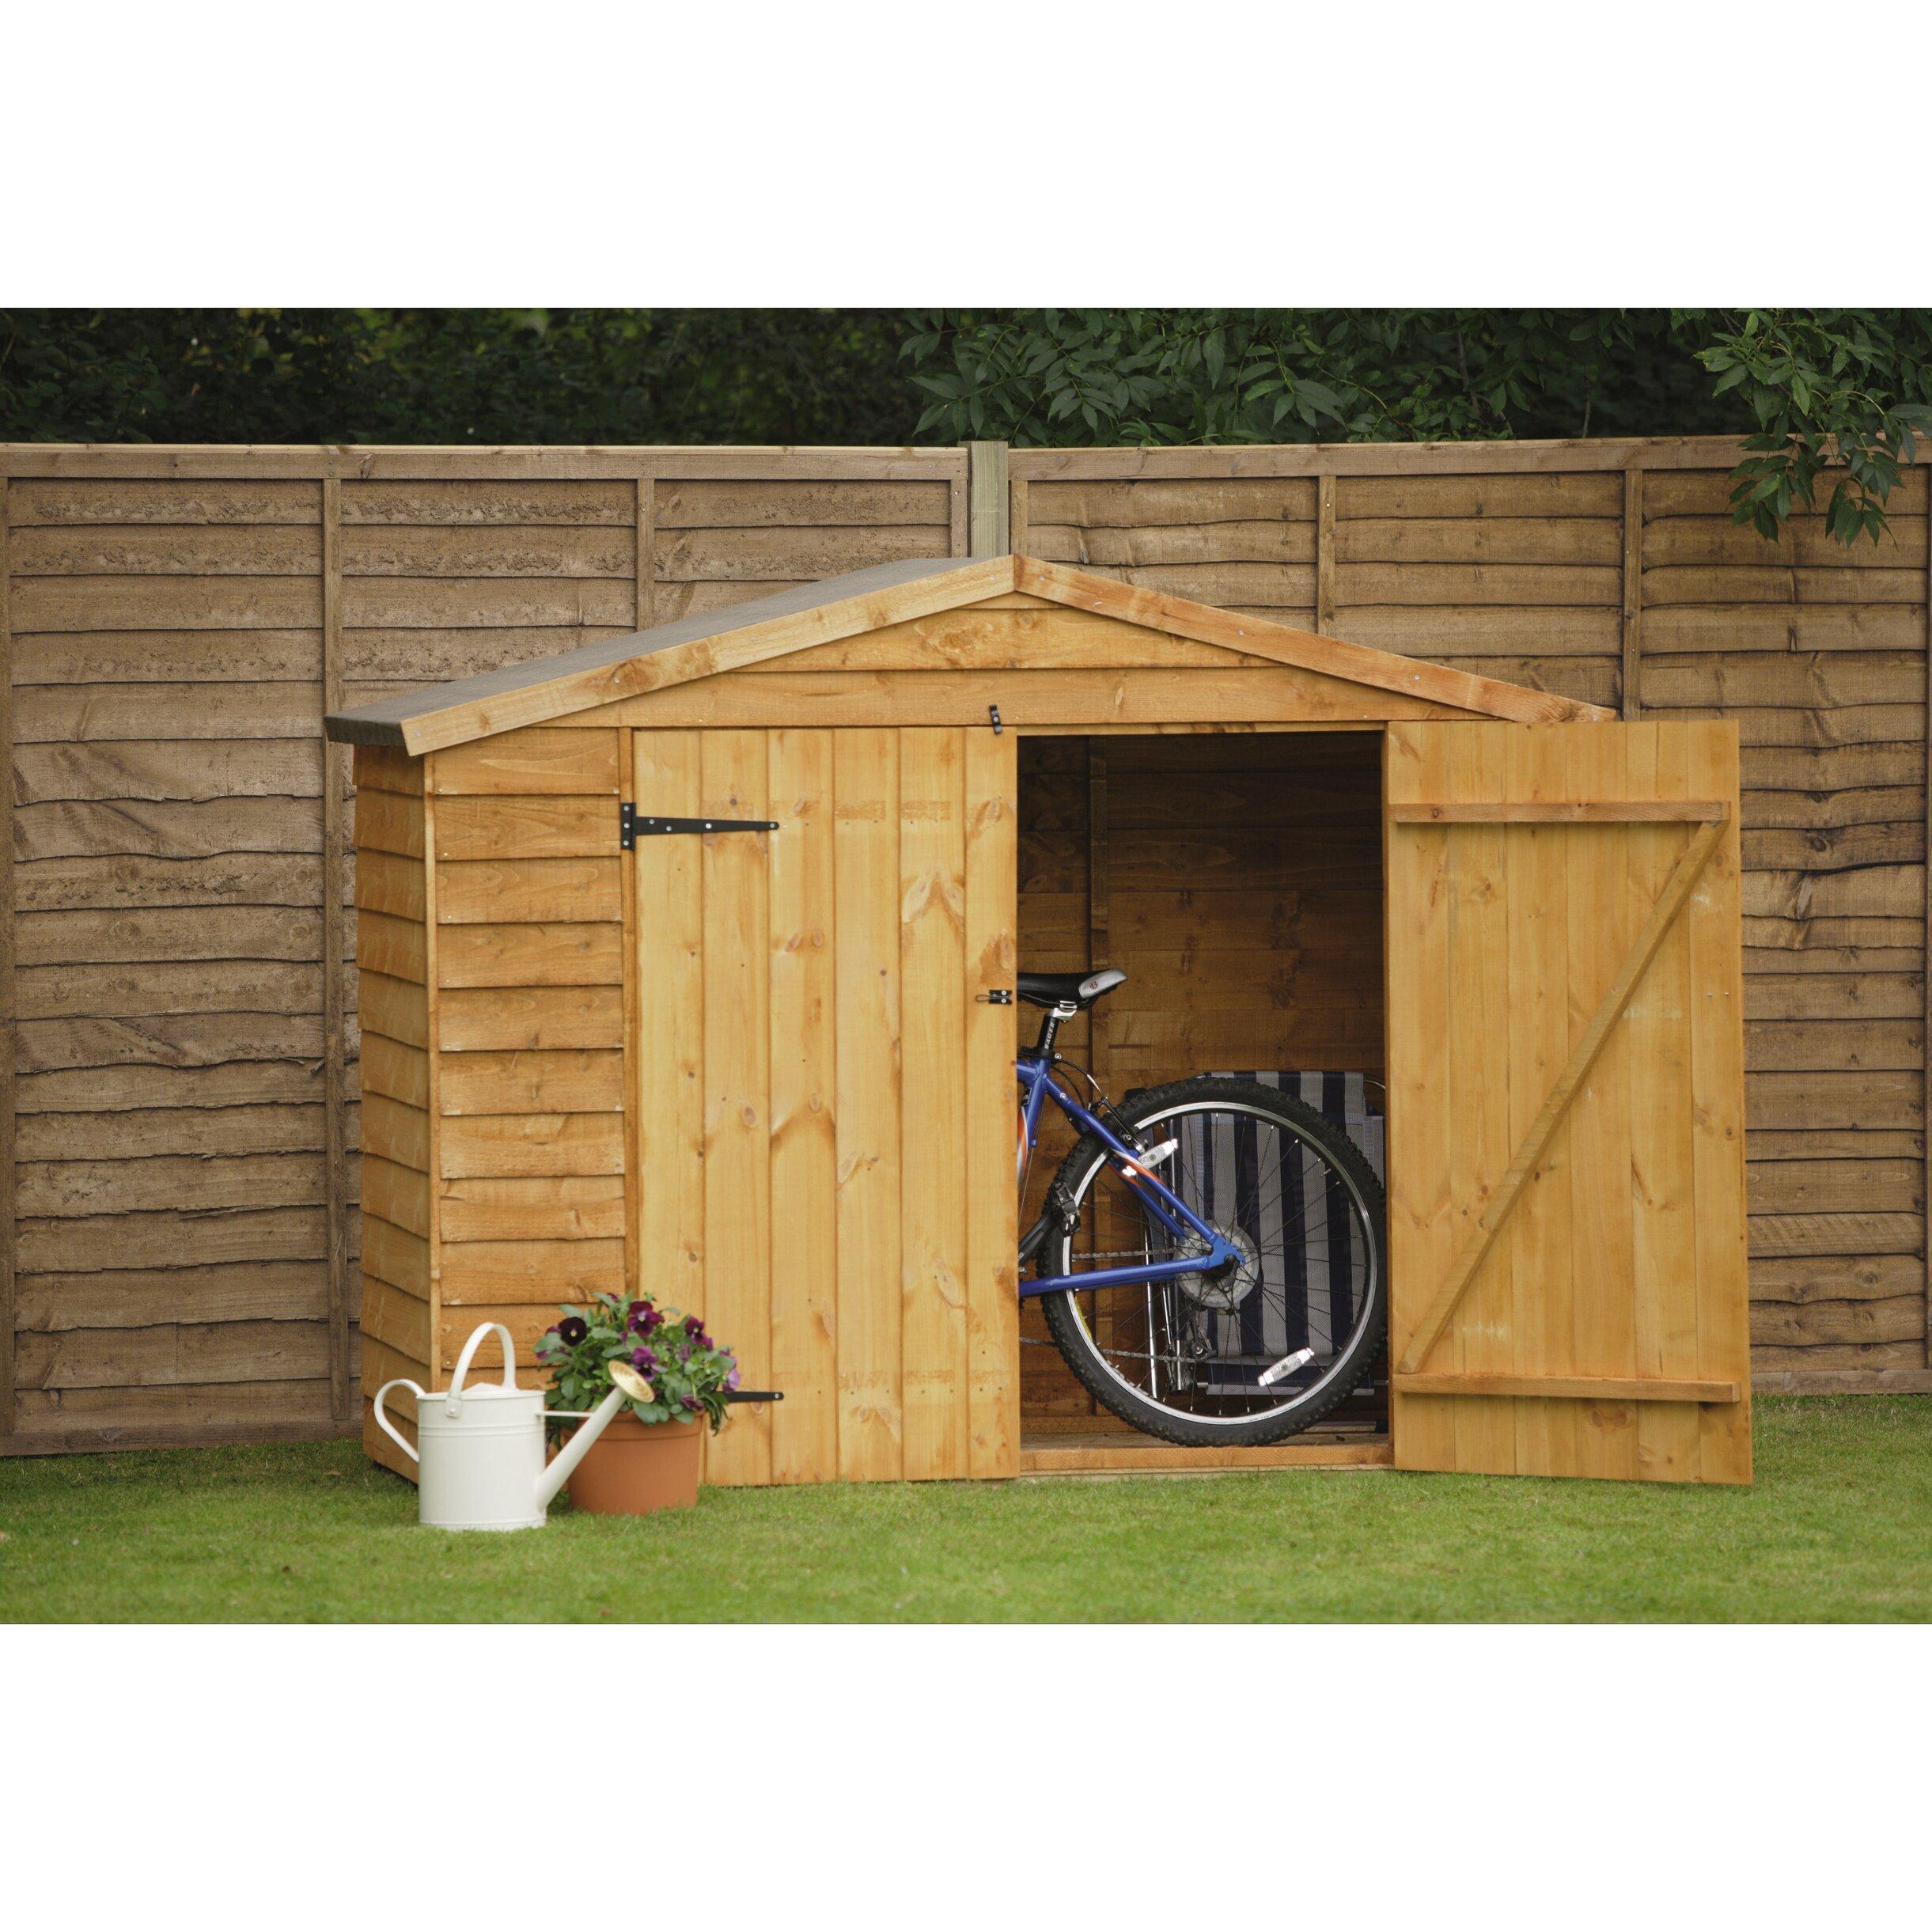 6 x 3 wooden bike shed wayfair uk. Black Bedroom Furniture Sets. Home Design Ideas